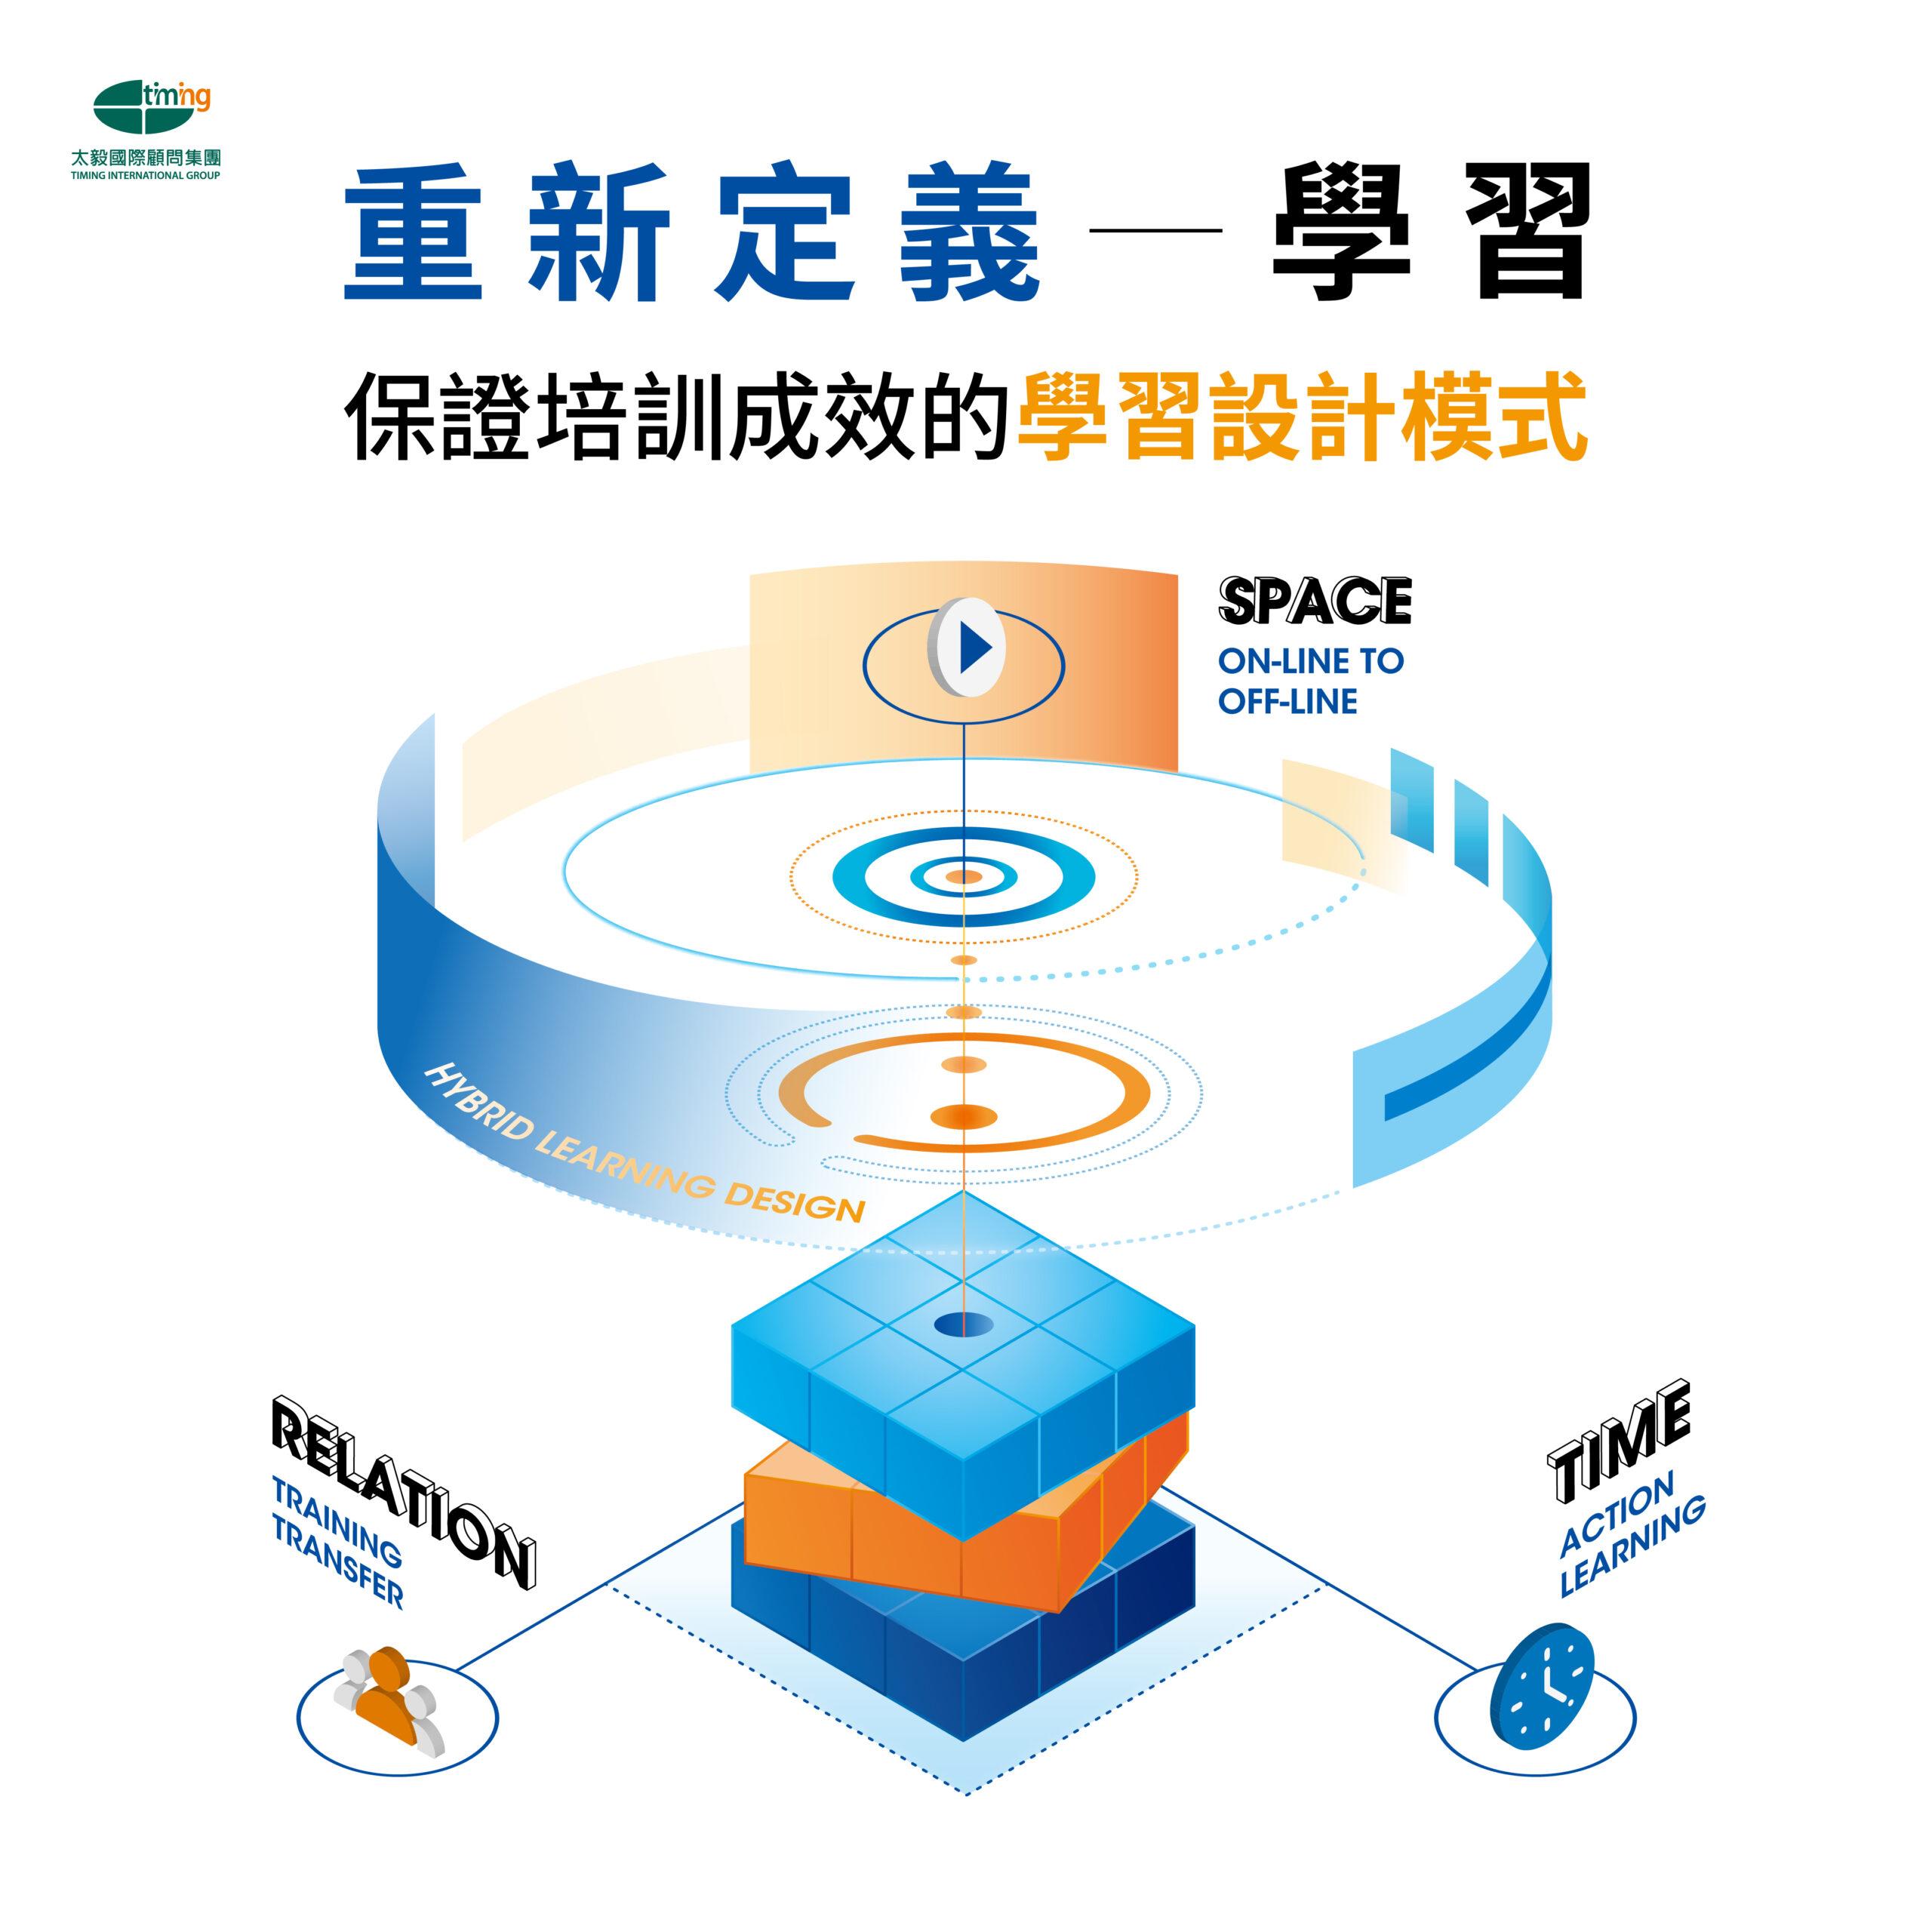 2022_太毅_重新定義學習_主視覺_1002-